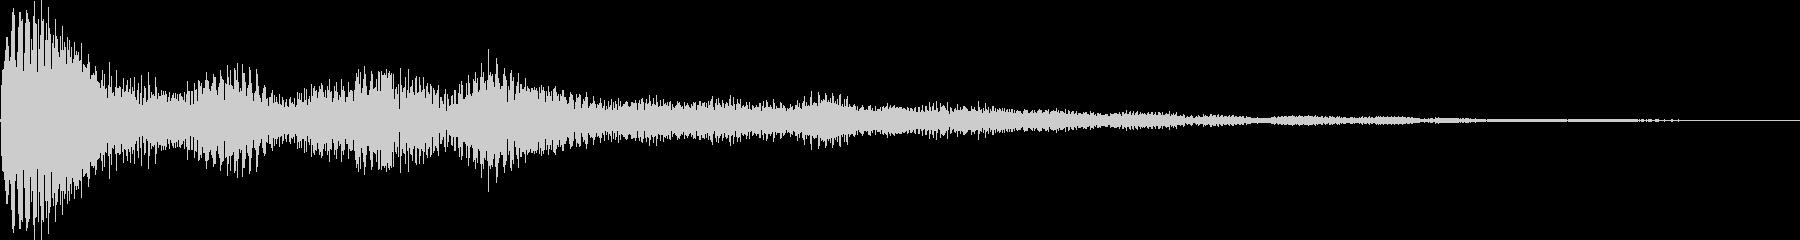 パワーン(タイトル、表示、ボタン)の未再生の波形